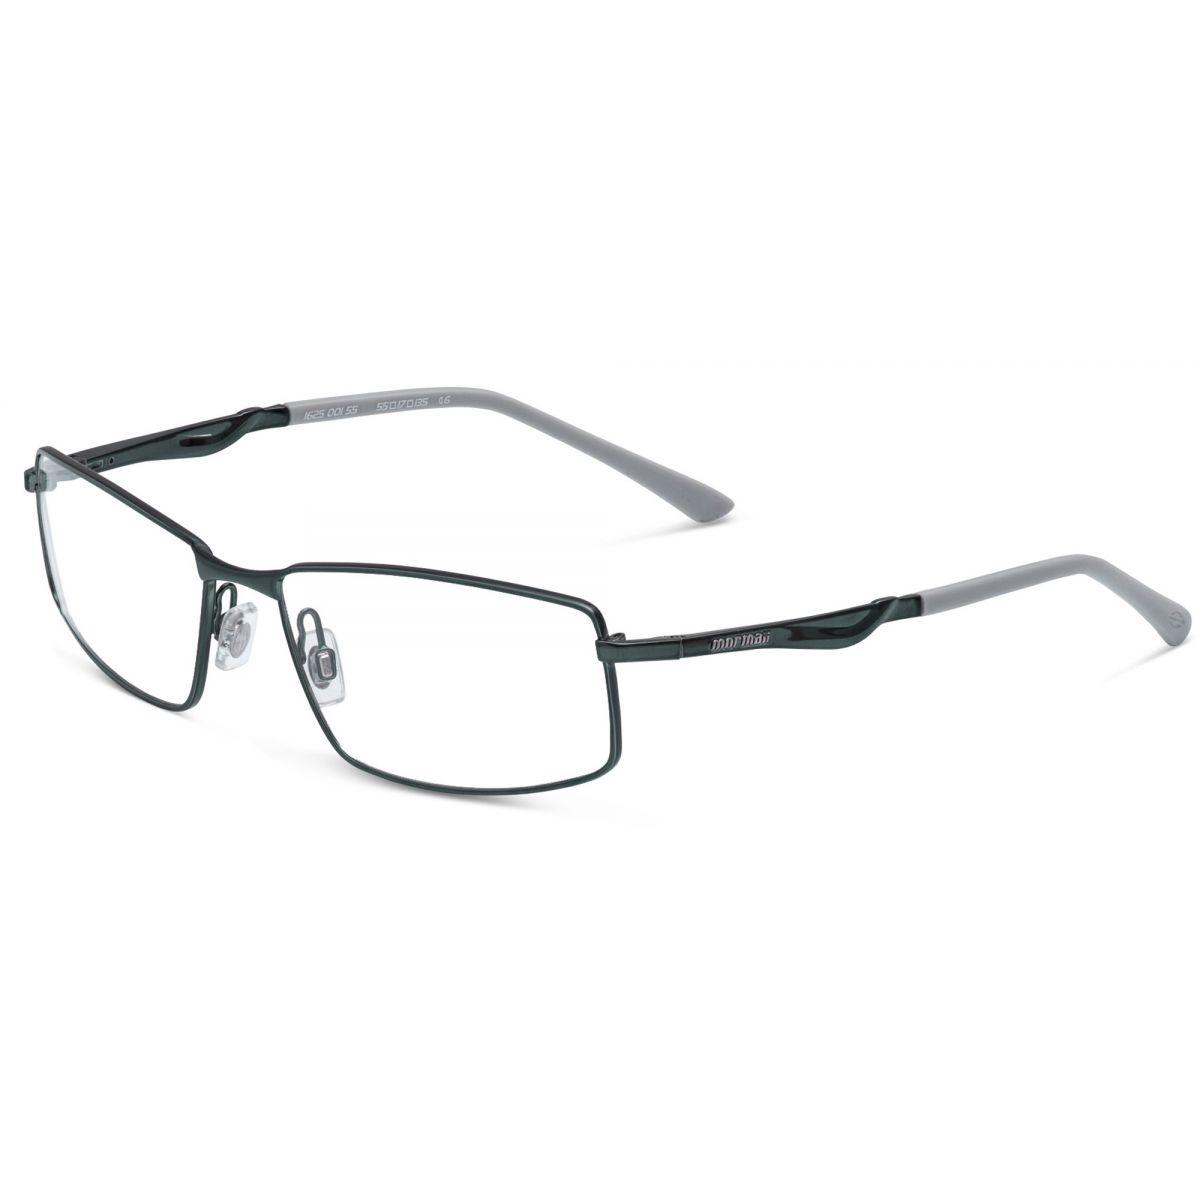 Marcas De Oculos De Grau Masculino   City of Kenmore, Washington d85caa5c55